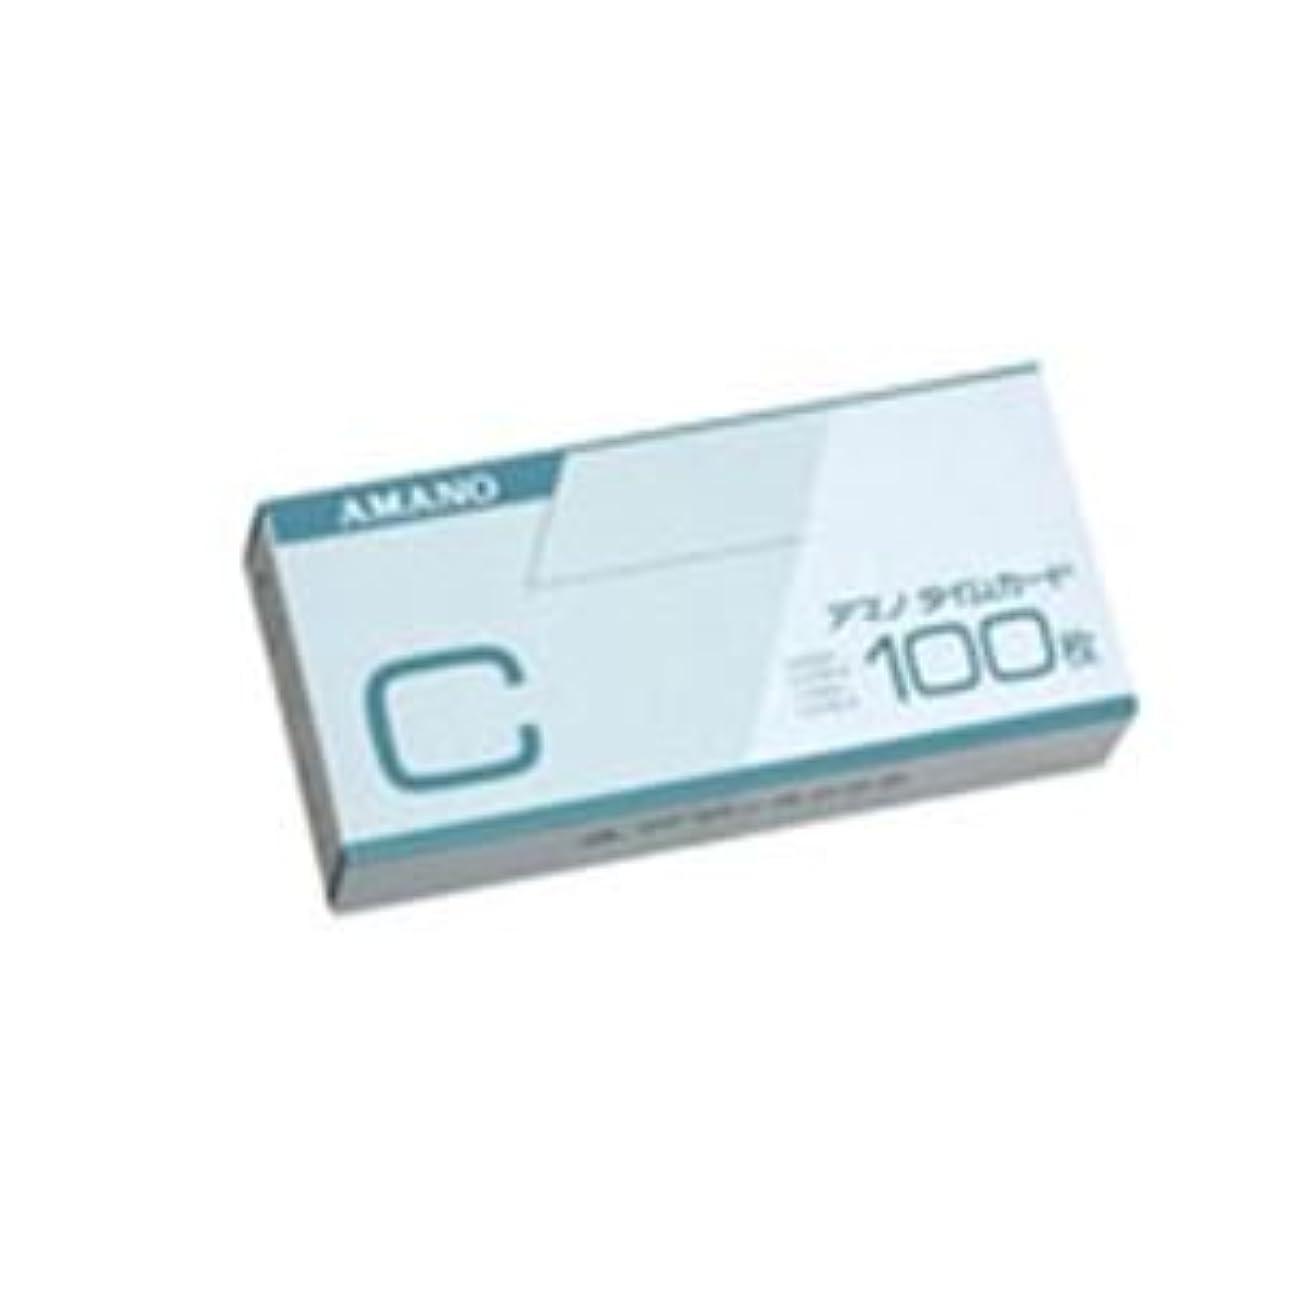 ご近所真向こうピクニックアマノ 標準タイムカードC 100枚入 5箱 ds-1295530